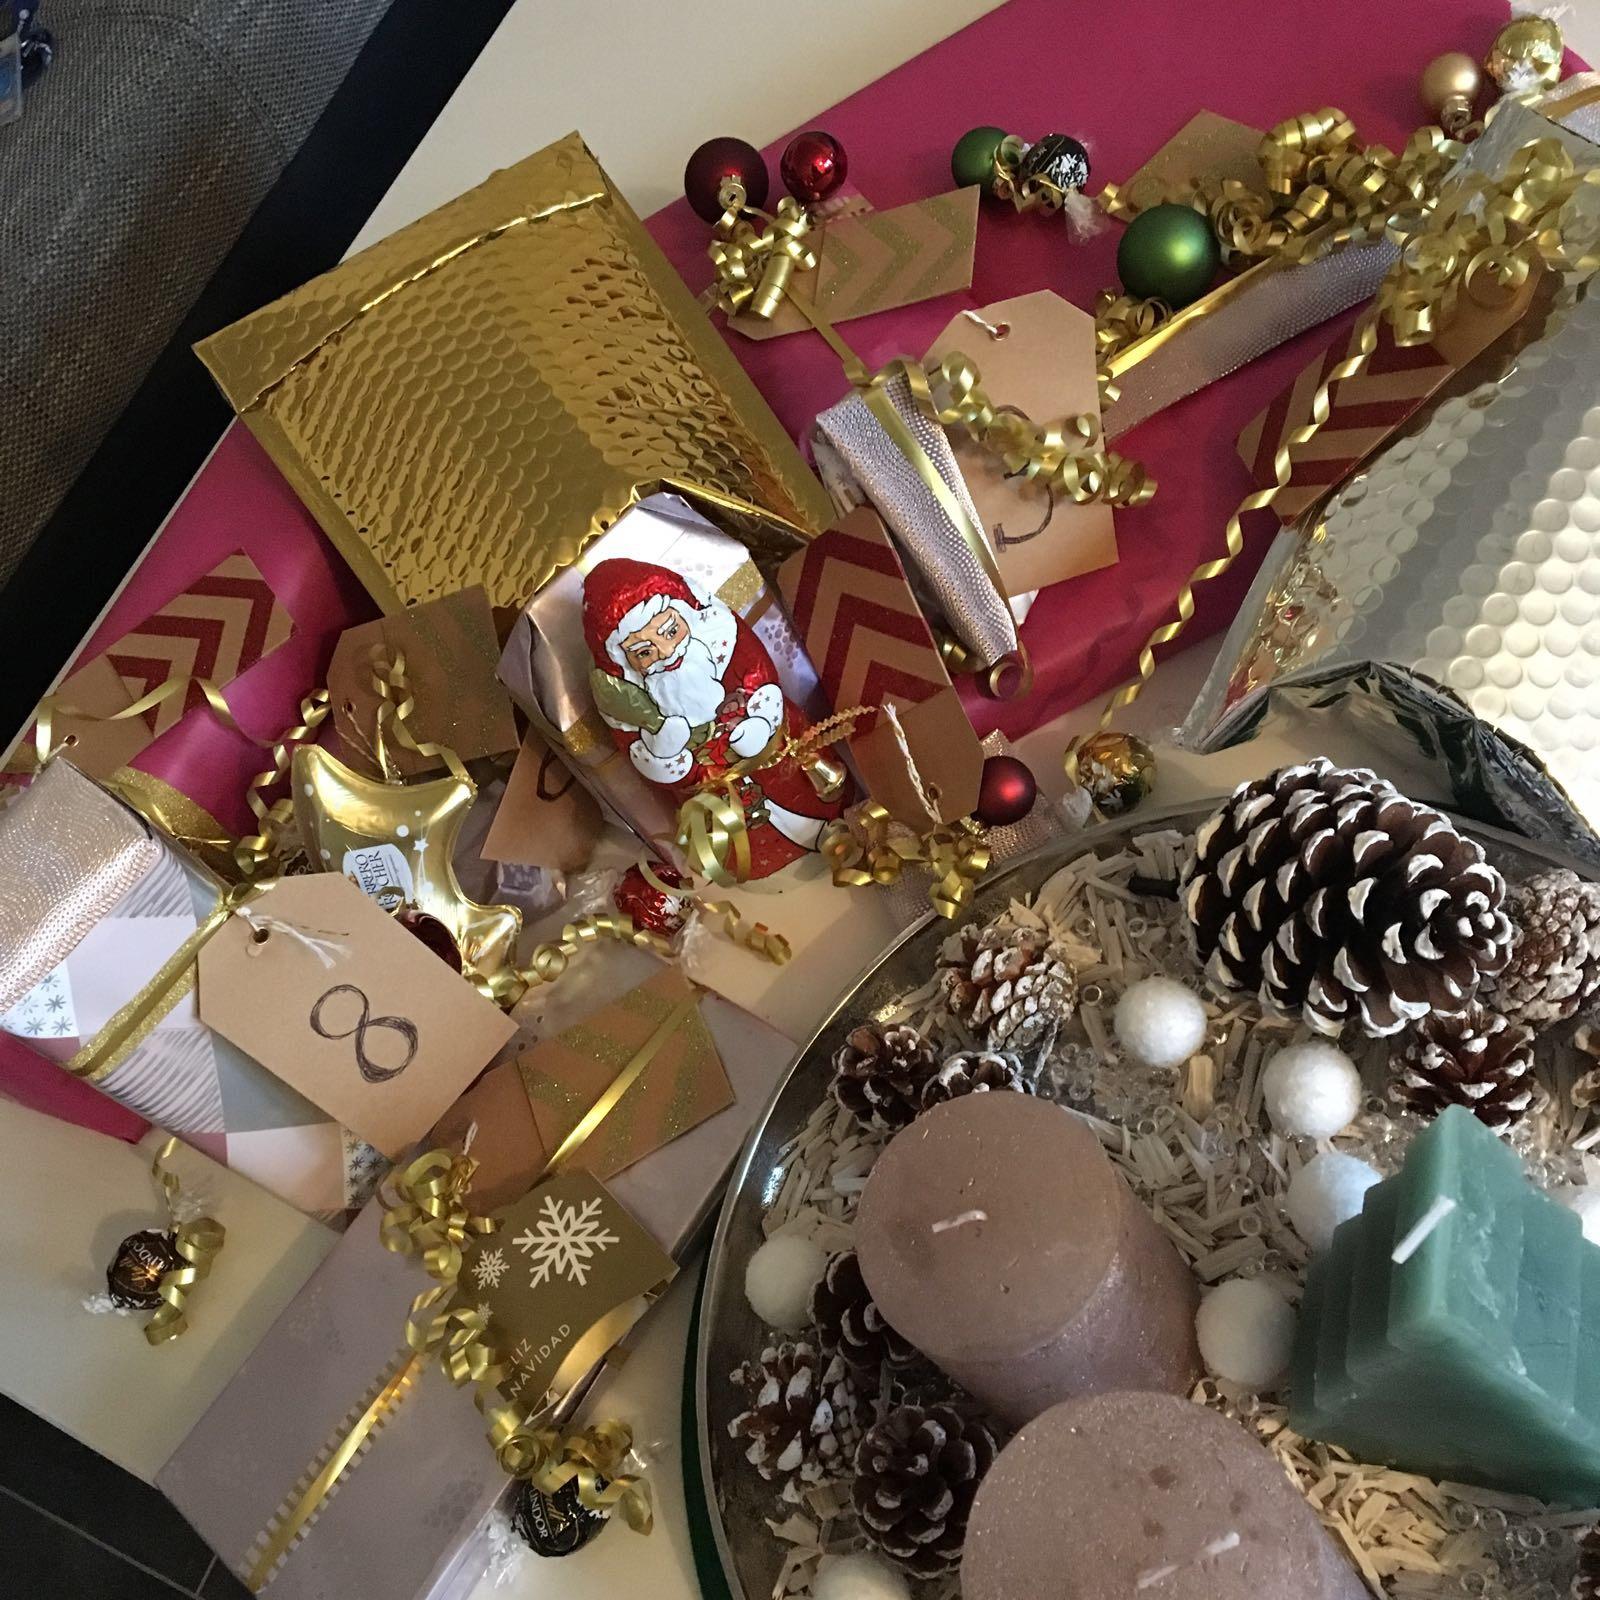 Ideen-selbstgemachte- Adventskalender-selbstgemachter-adventskalender-ideen-DIY-Last-Minute-Schnell-Kalender-Weihnachten-Ideen-Mann-Ehemann-Freund